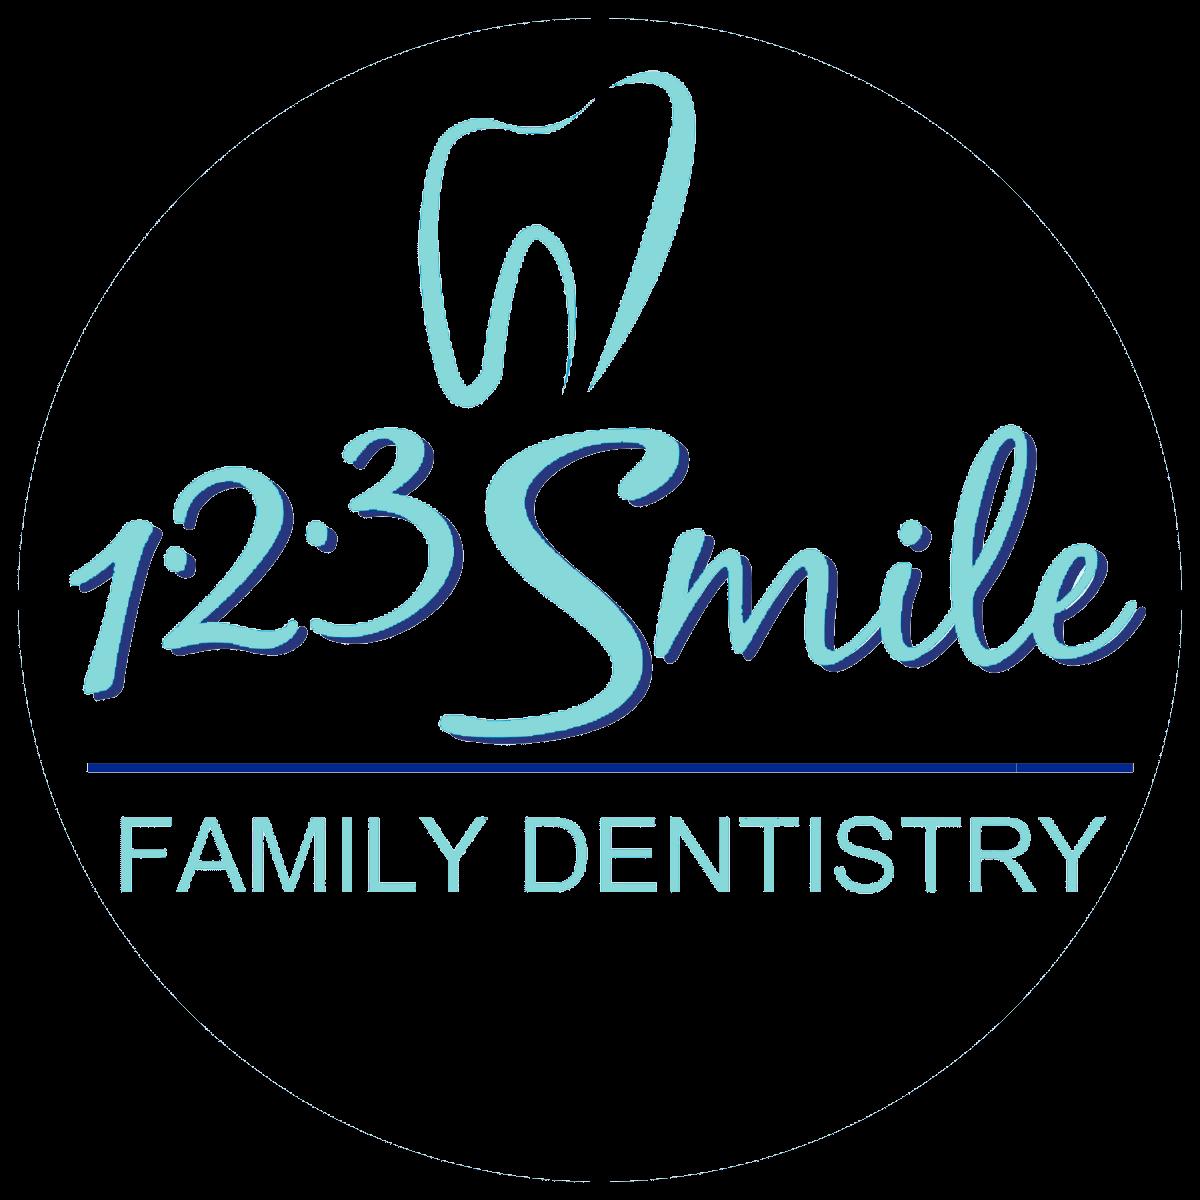 1-2-3 Smile Family Dentistry